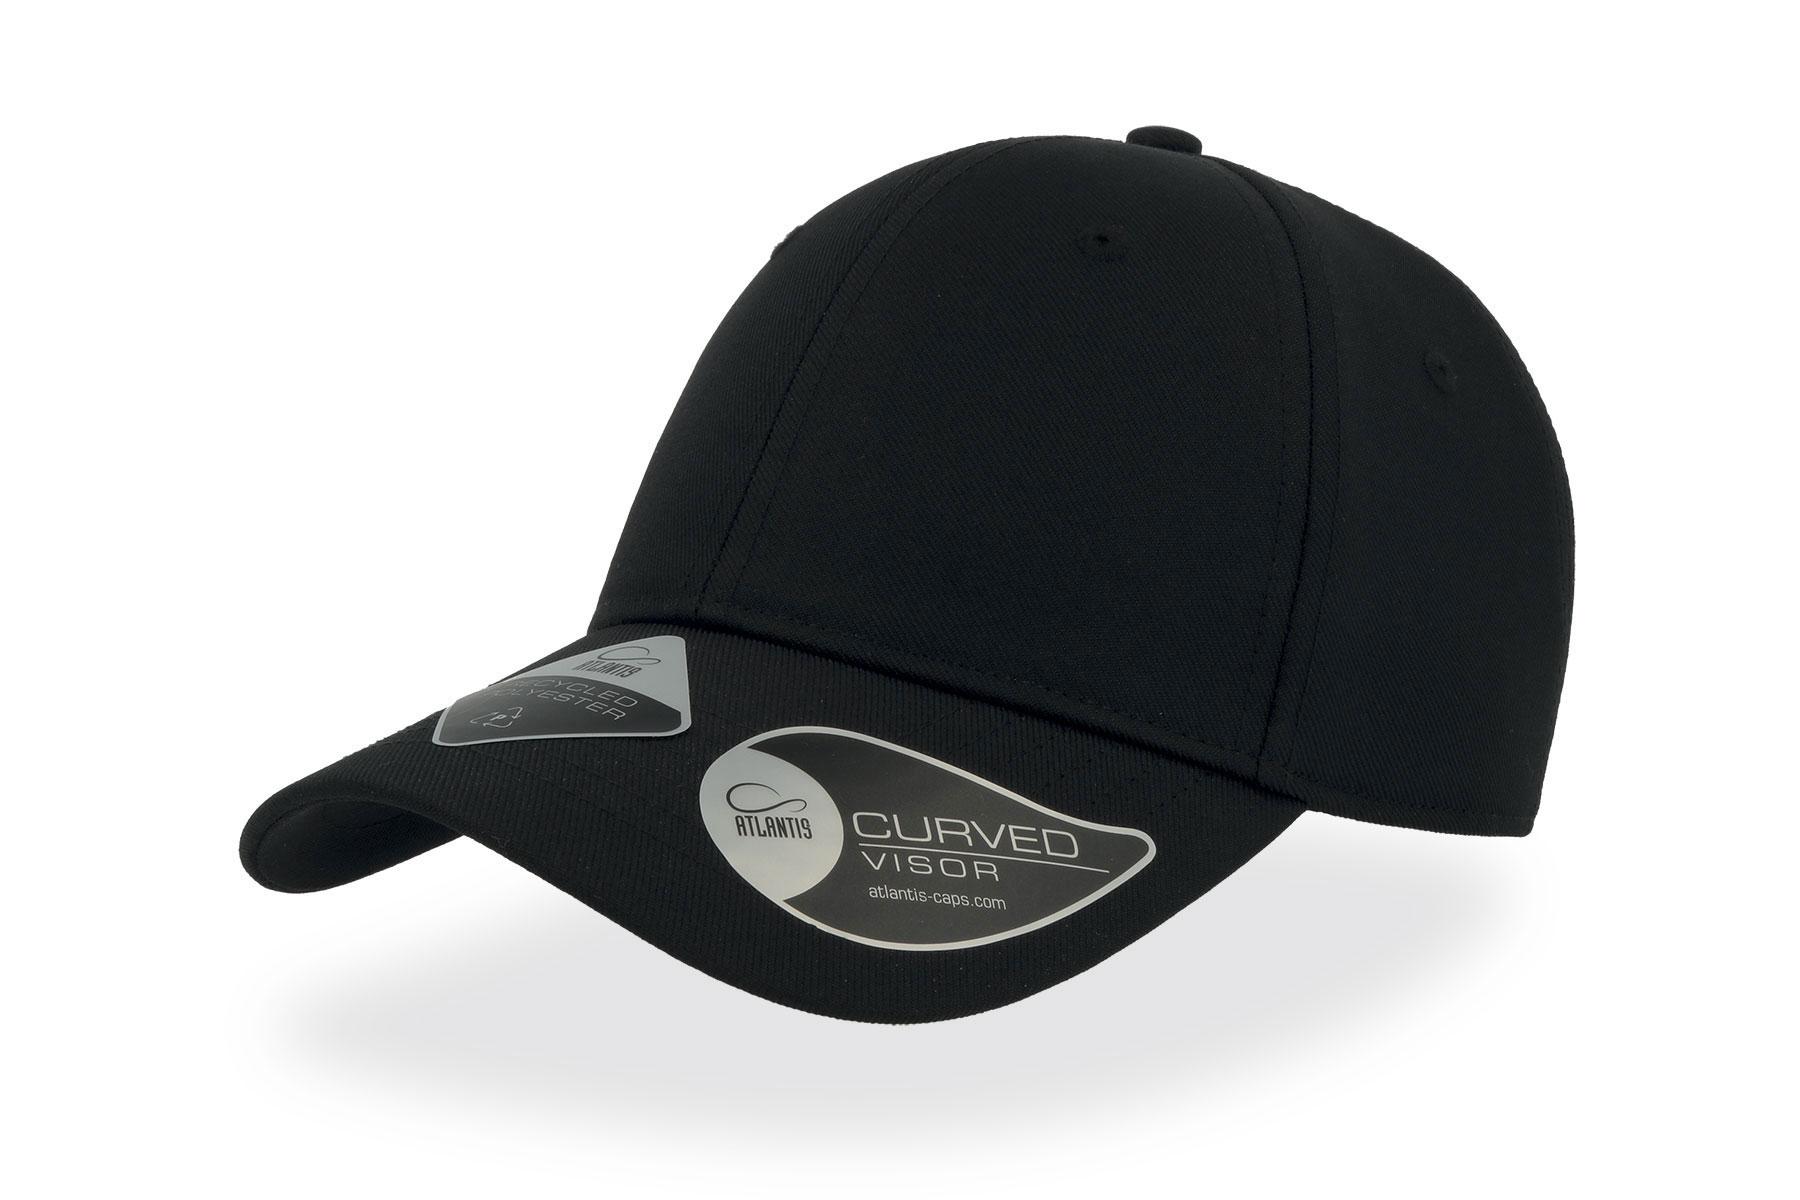 Recycled Cap -lippis - NEW 2019 ATLANTIS CAPS & HATS - RECC - 2